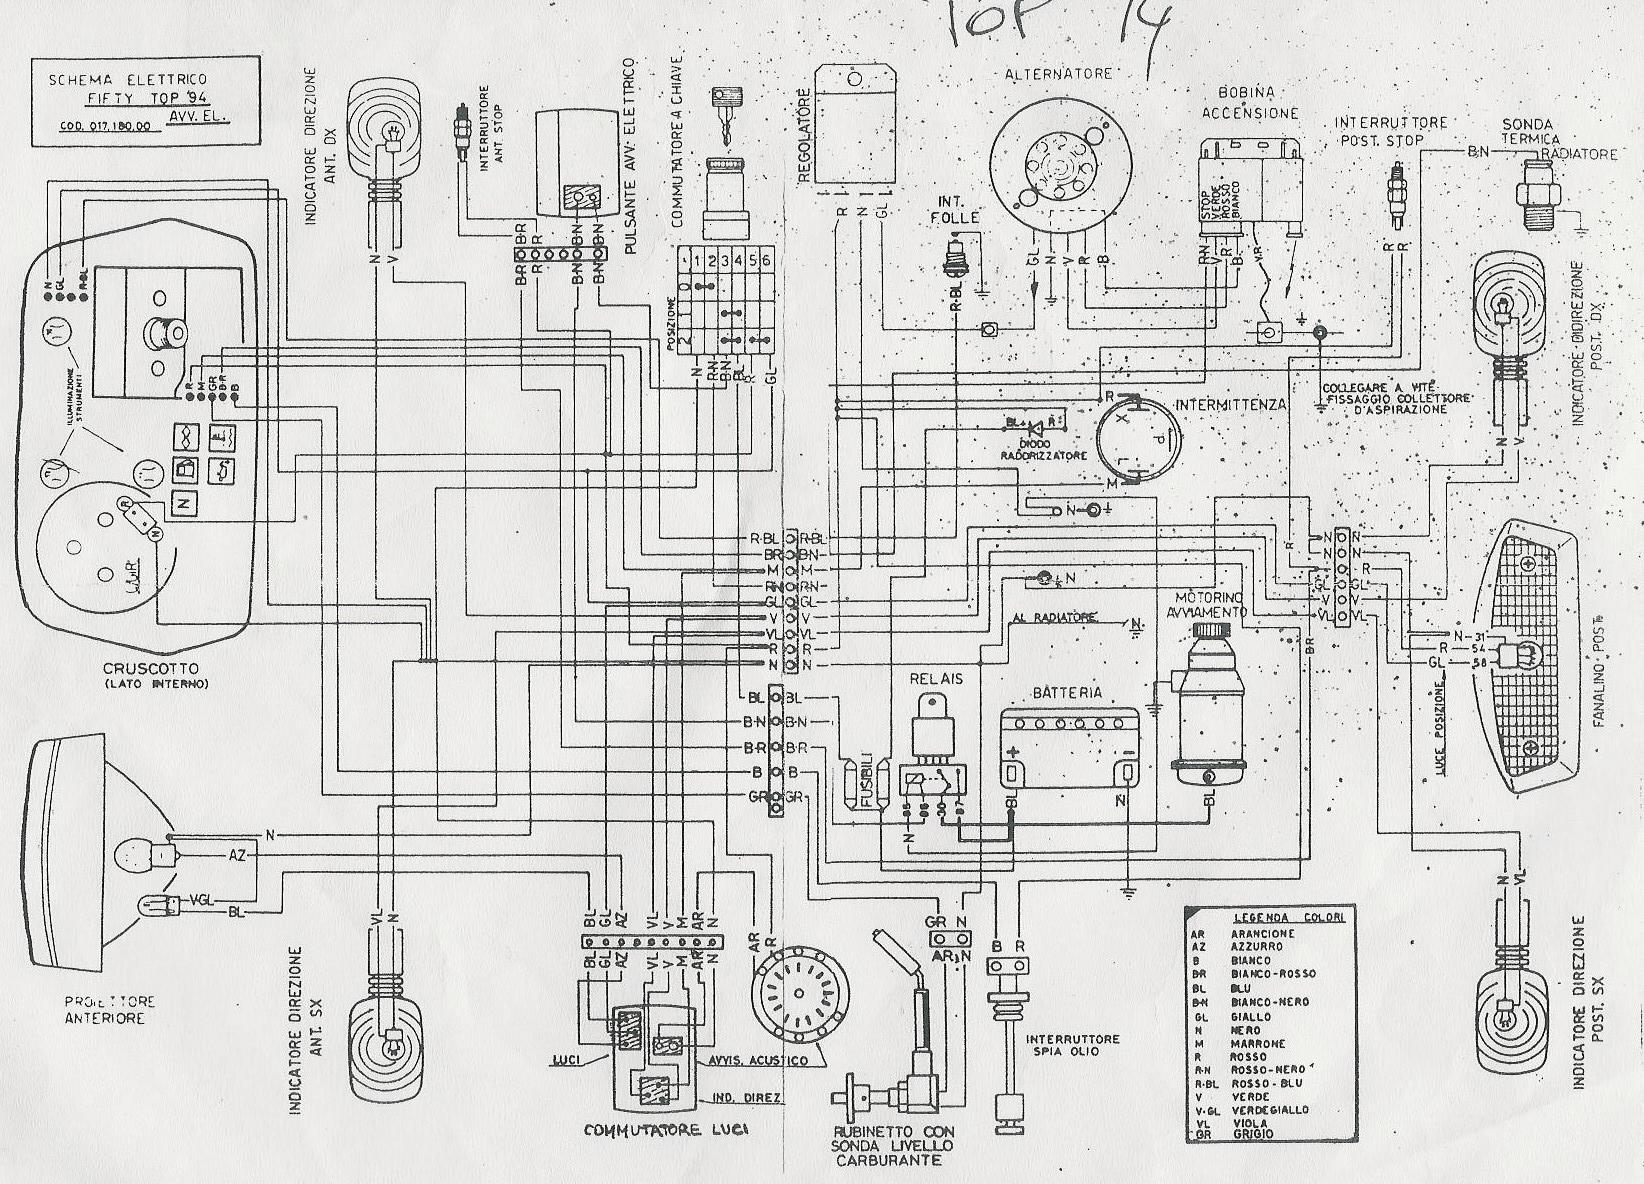 Schema Elettrico Liberty 125 : Utilizzare un interruttore al posto delle chiavi